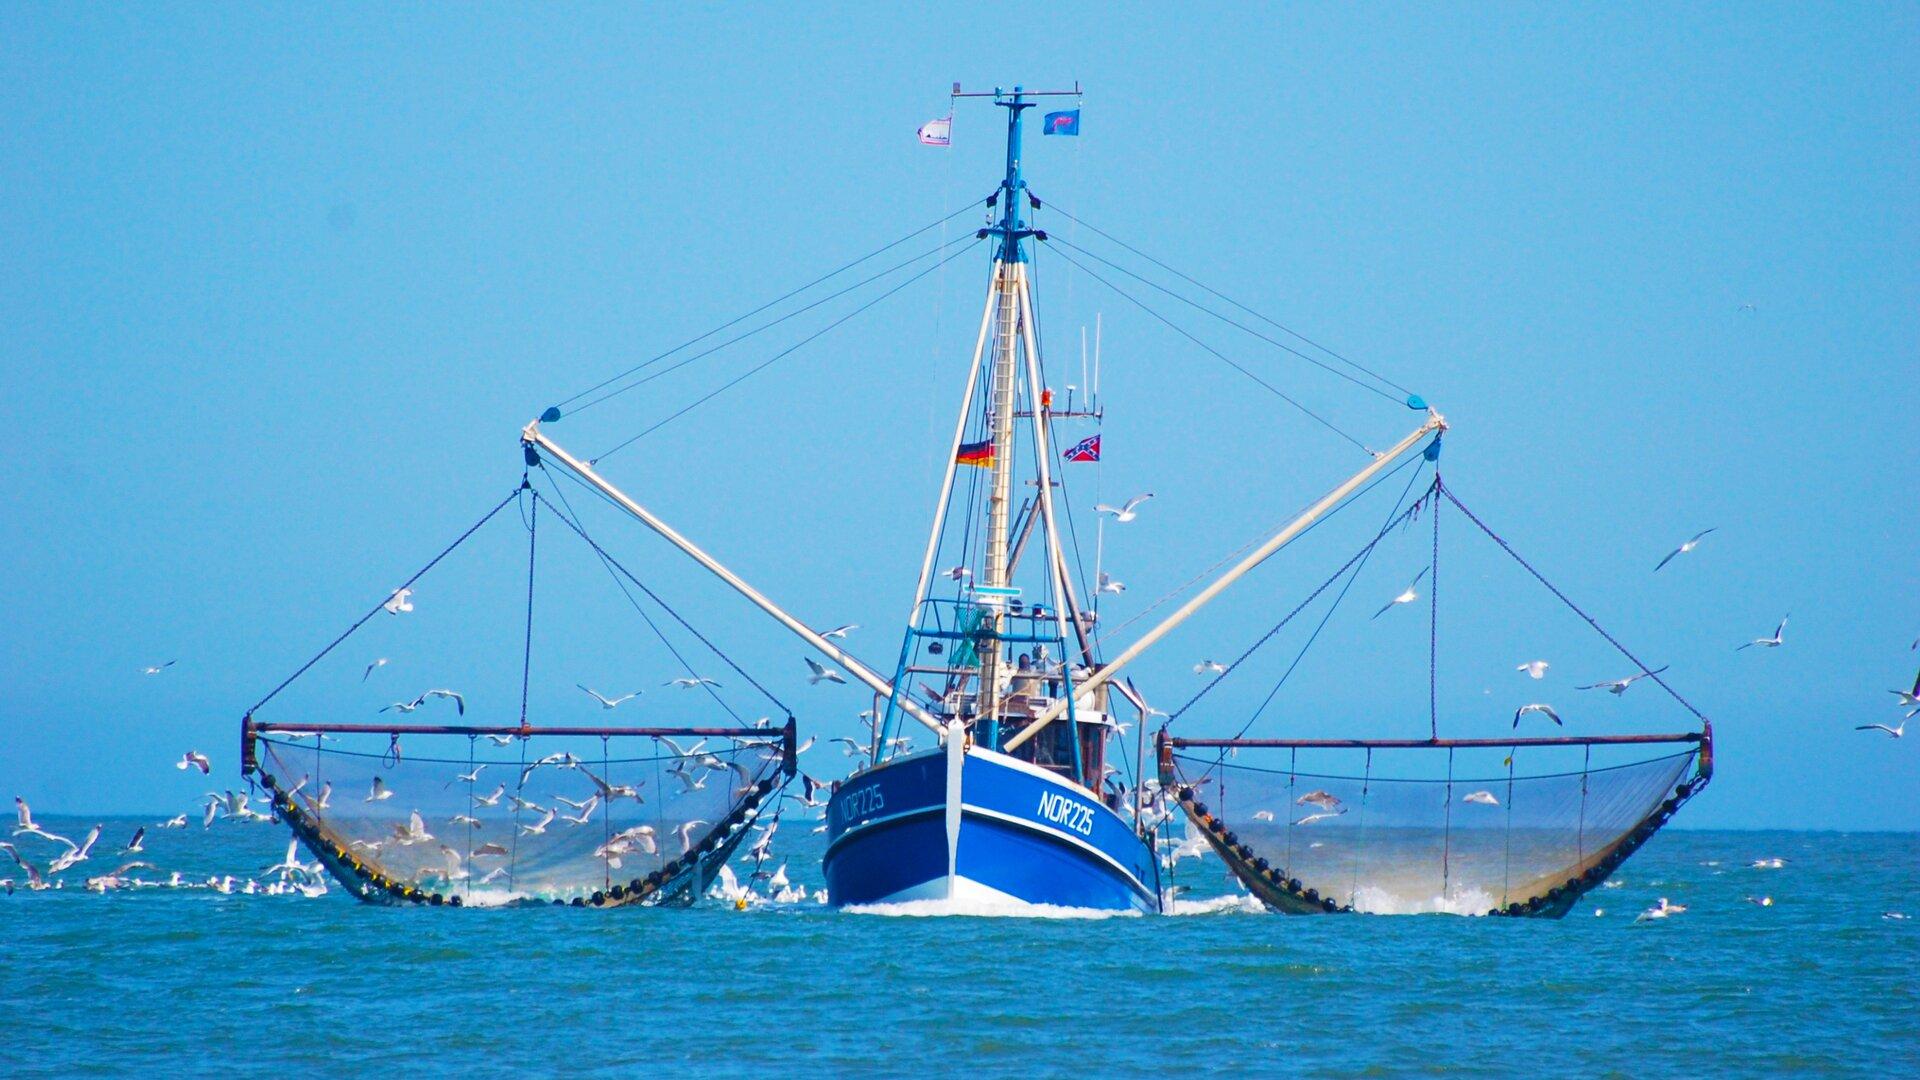 Zdjęcie przedstawia statek rybacki, zajmujący się połowem ryb na morzu. Wokół statku latają mewy. Na statku powiewają flagi, między innymi Norwegii iNiemiec. Statek ma kolor niebieski. Widnieje na nim napis: NOR225, co oznacza, że prawdopodobnie pływa pod norweską banderą. Jest piękny, słoneczny dzień, amorze jest spokojne. Woda ma lazurowy kolor.